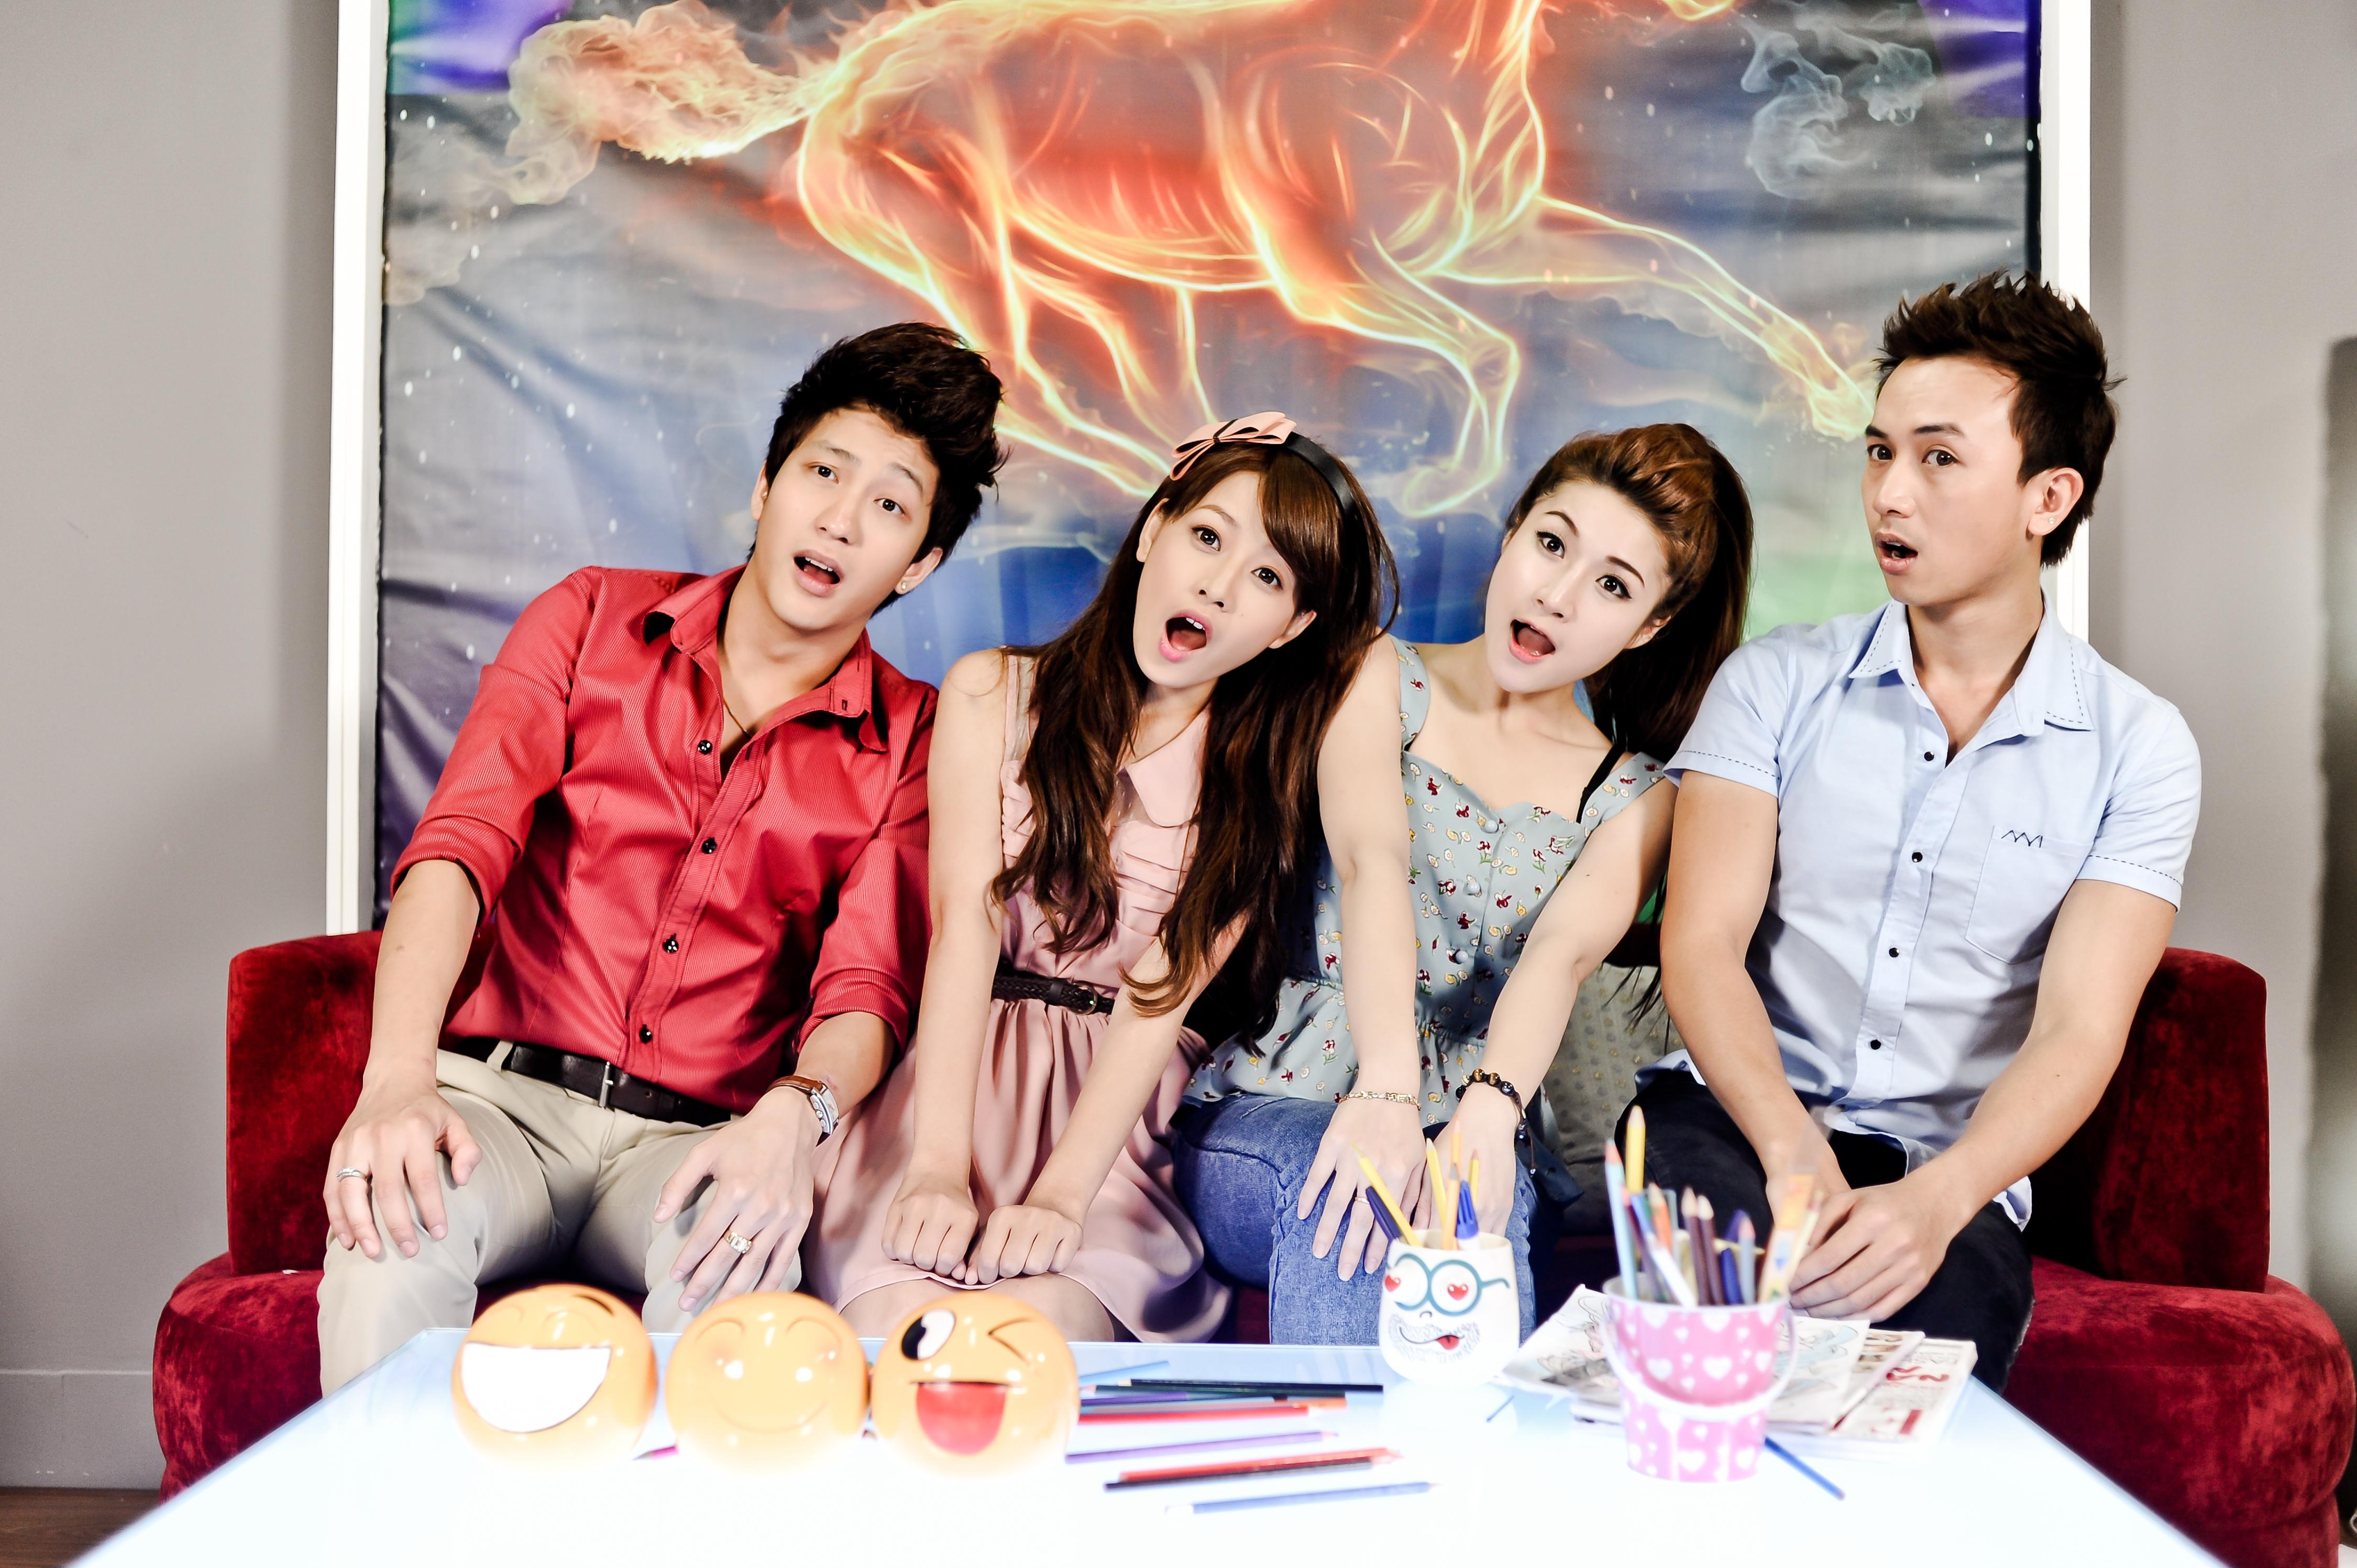 5S Online là bộ phim truyền hình Sitcom mới dành cho giới trẻ sẽ  chính thức ra mắt trên kênh VTV6 vào ngày 2/9 tới đây.